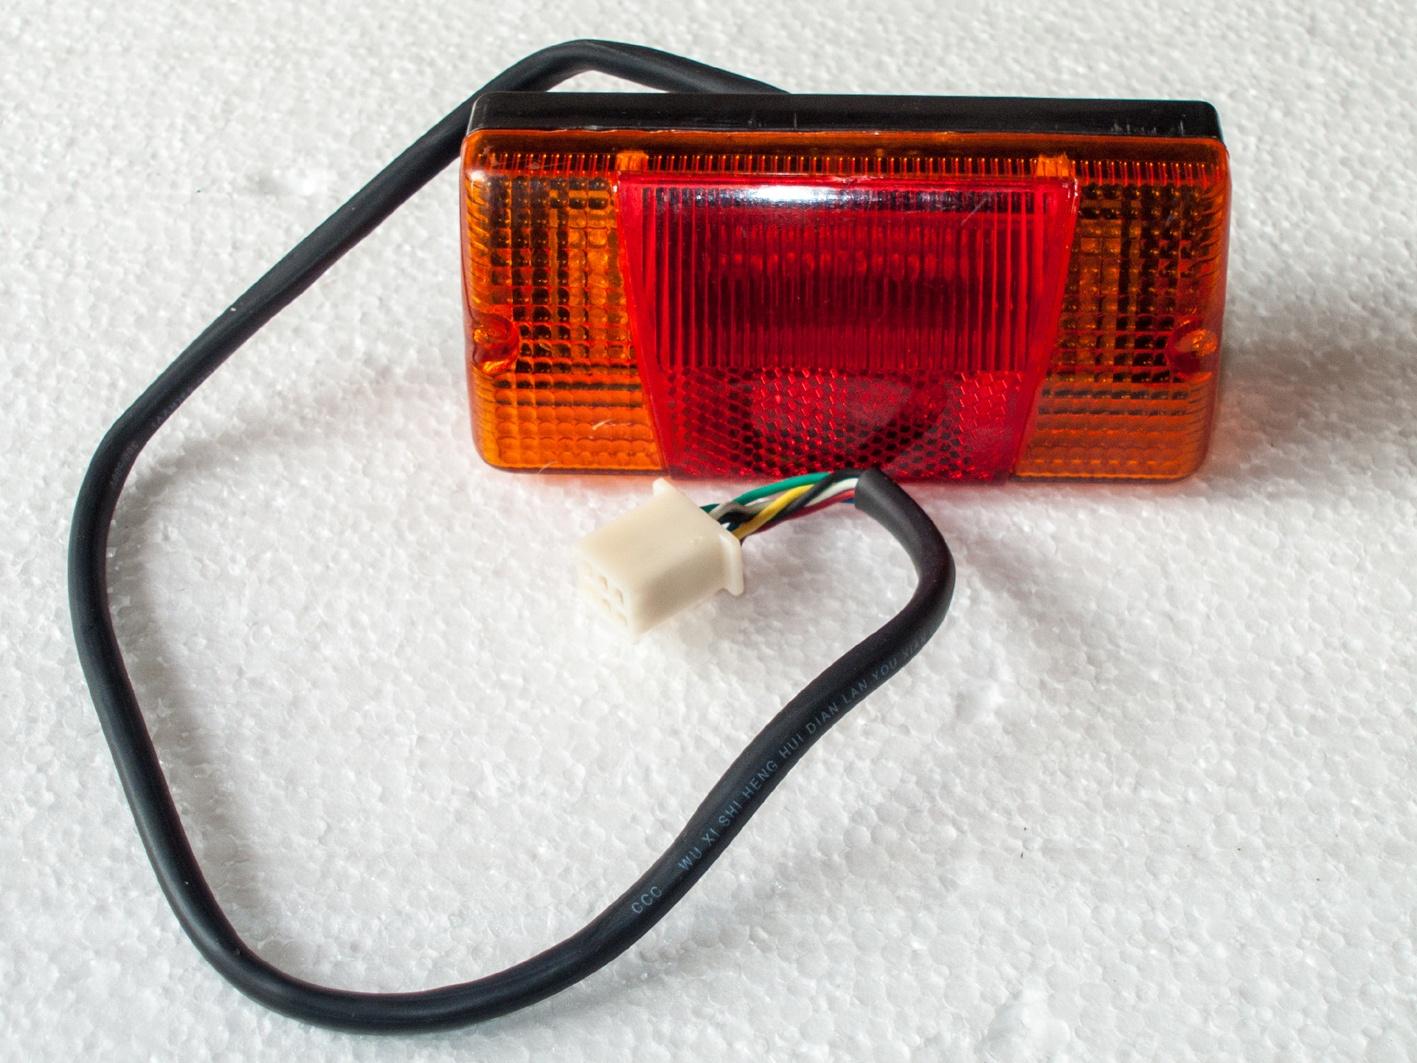 Luce posteriore stop e indicatori di direzione